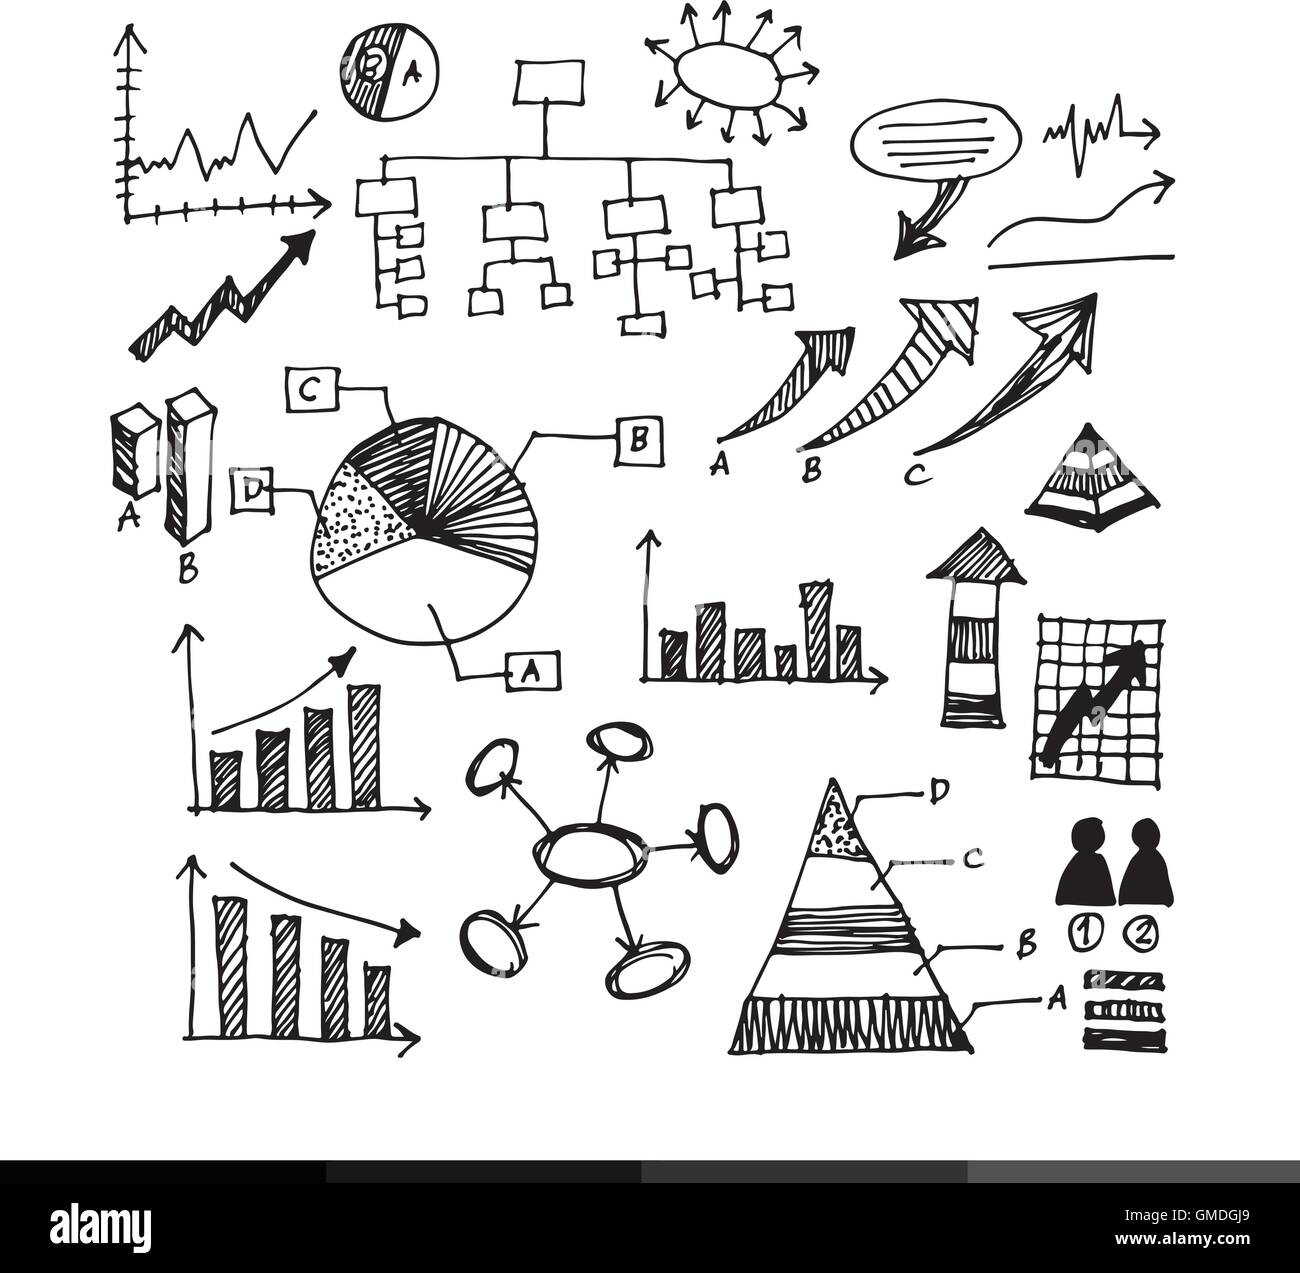 Tolle Gm Diagramme Galerie - Elektrische Schaltplan-Ideen ...